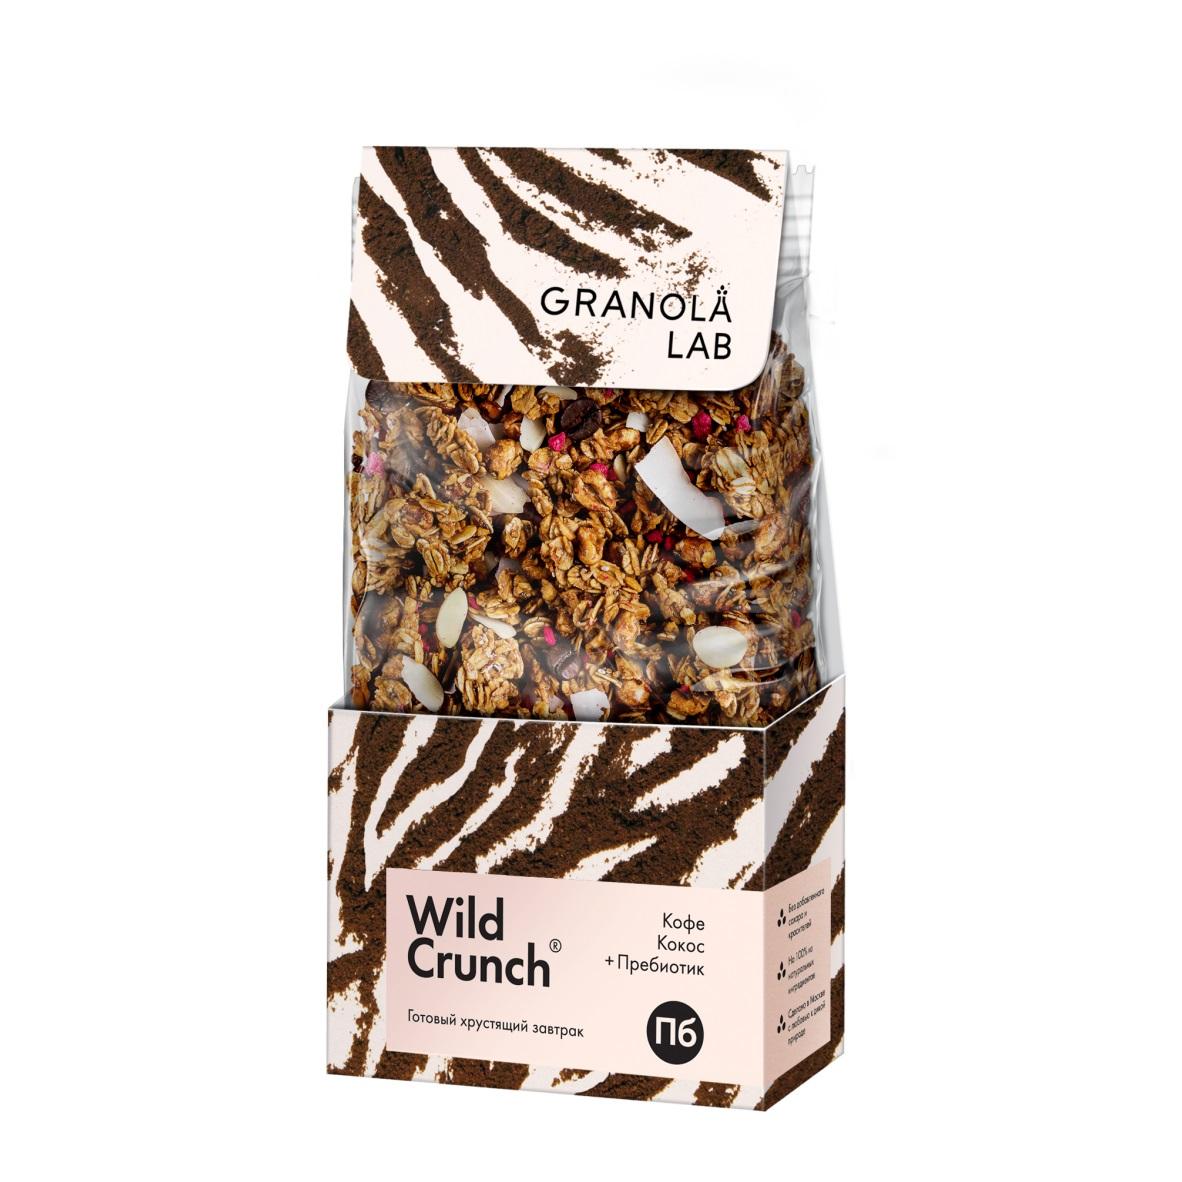 Гранола Granola.Lab Wild Crunch Кокос, кофе + пребиотик 260 г